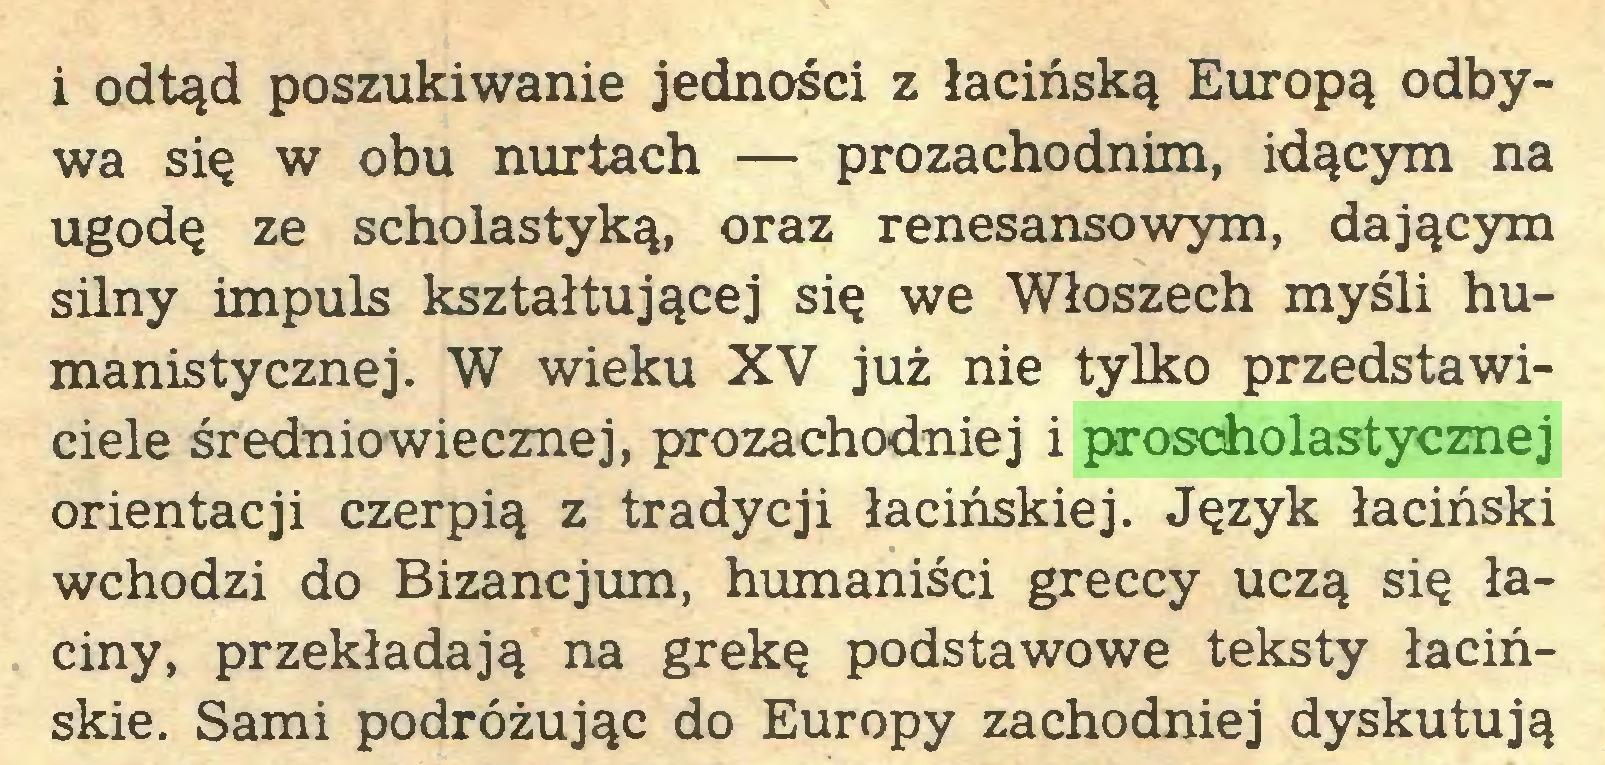 (...) i odtąd poszukiwanie jedności z łacińską Europą odbywa się w obu nurtach — prozachodnim, idącym na ugodę ze scholastyką, oraz renesansowym, dającym silny impuls kształtującej się we Włoszech myśli humanistycznej. W wieku XV już nie tylko przedstawiciele średniowiecznej, prozachodniej i proscholastycznej orientacji czerpią z tradycji łacińskiej. Język łaciński wchodzi do Bizancjum, humaniści greccy uczą się łaciny, przekładają na grekę podstawowe teksty łacińskie. Sami podróżując do Europy zachodniej dyskutują...